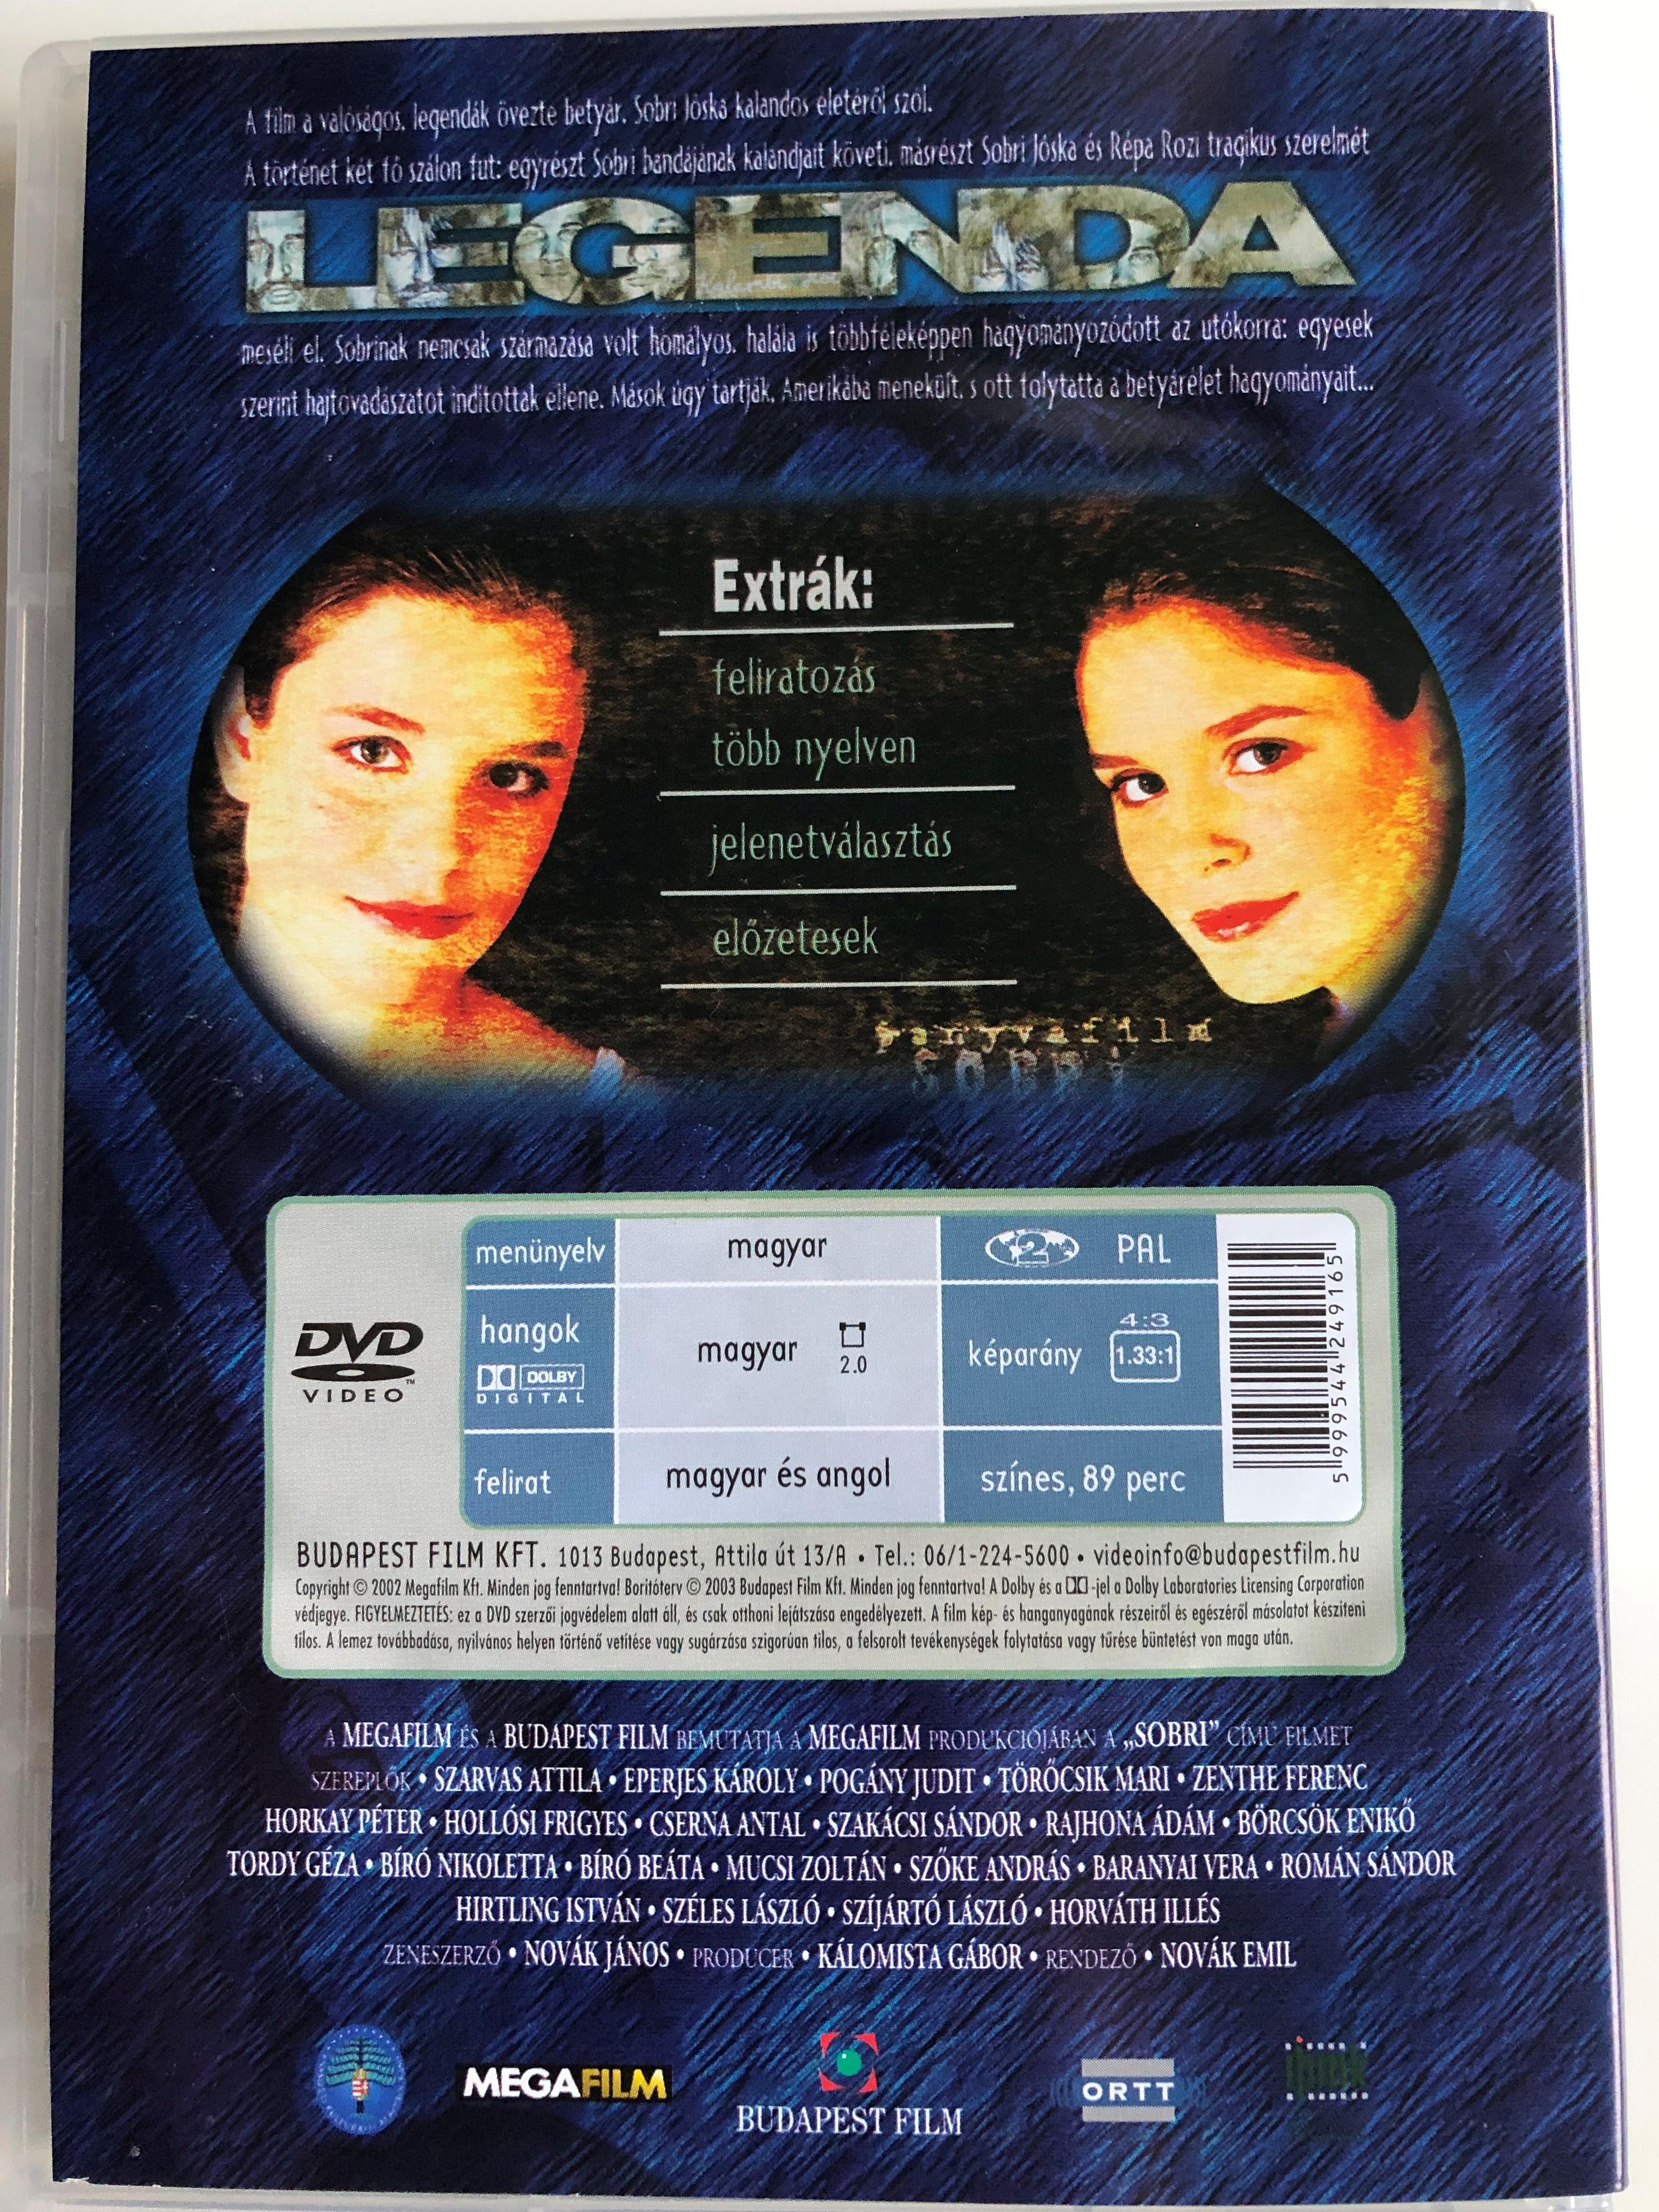 sobri-2002-dvd-egy-bakonyi-bety-r-legend-ja-directed-by-nov-k-emil-2.jpg